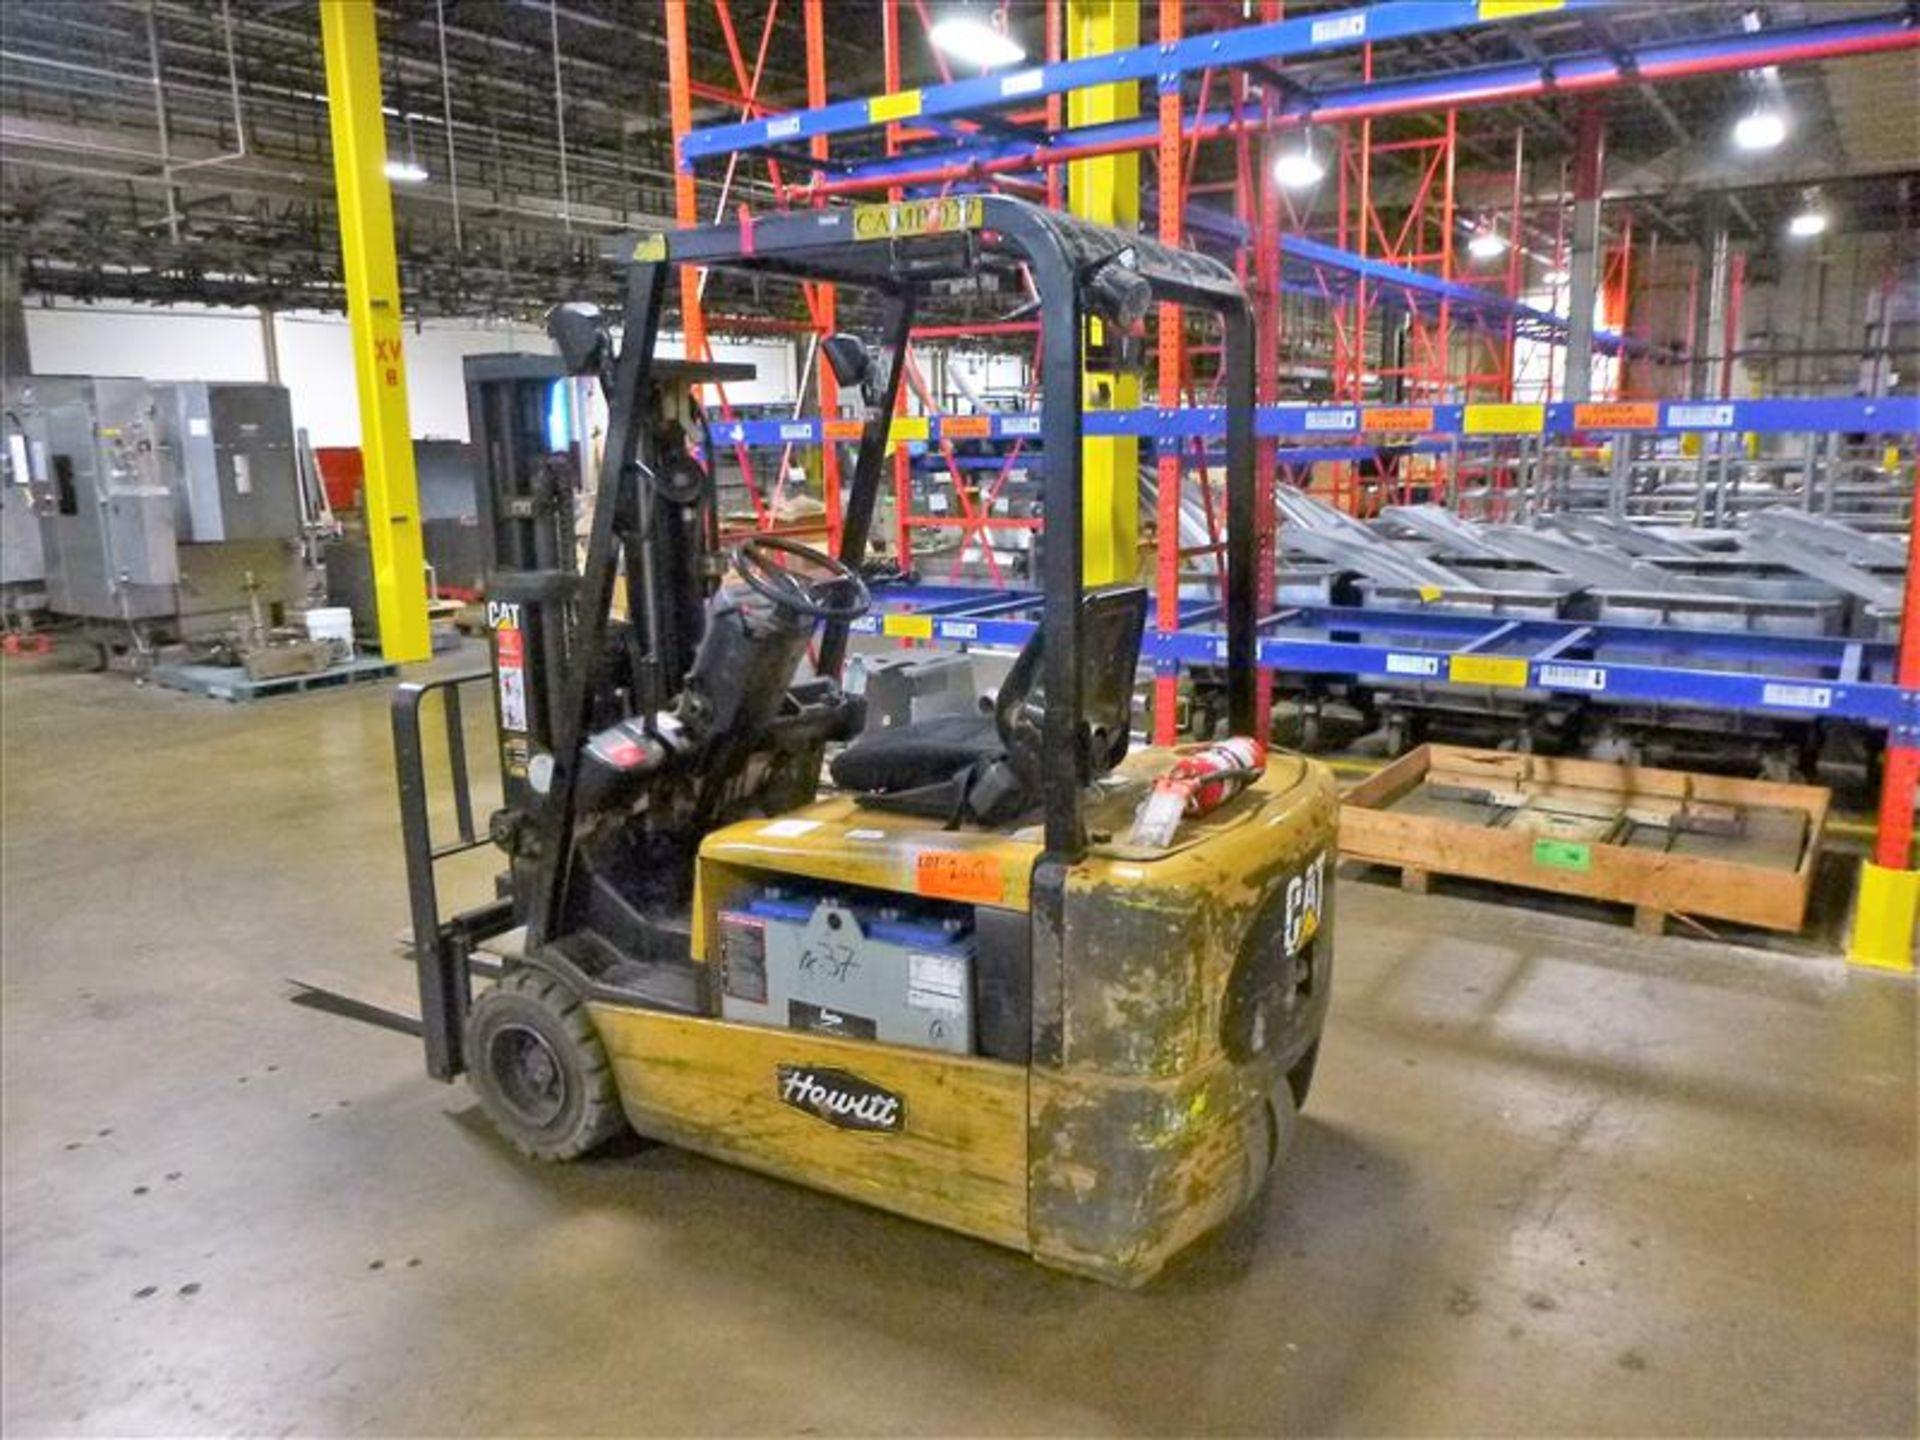 Caterpillar fork lift truck, mod. EC20KT, ser. no. ETB5A50553, 48V electric, 3750 lbs cap., 159 - Image 2 of 4